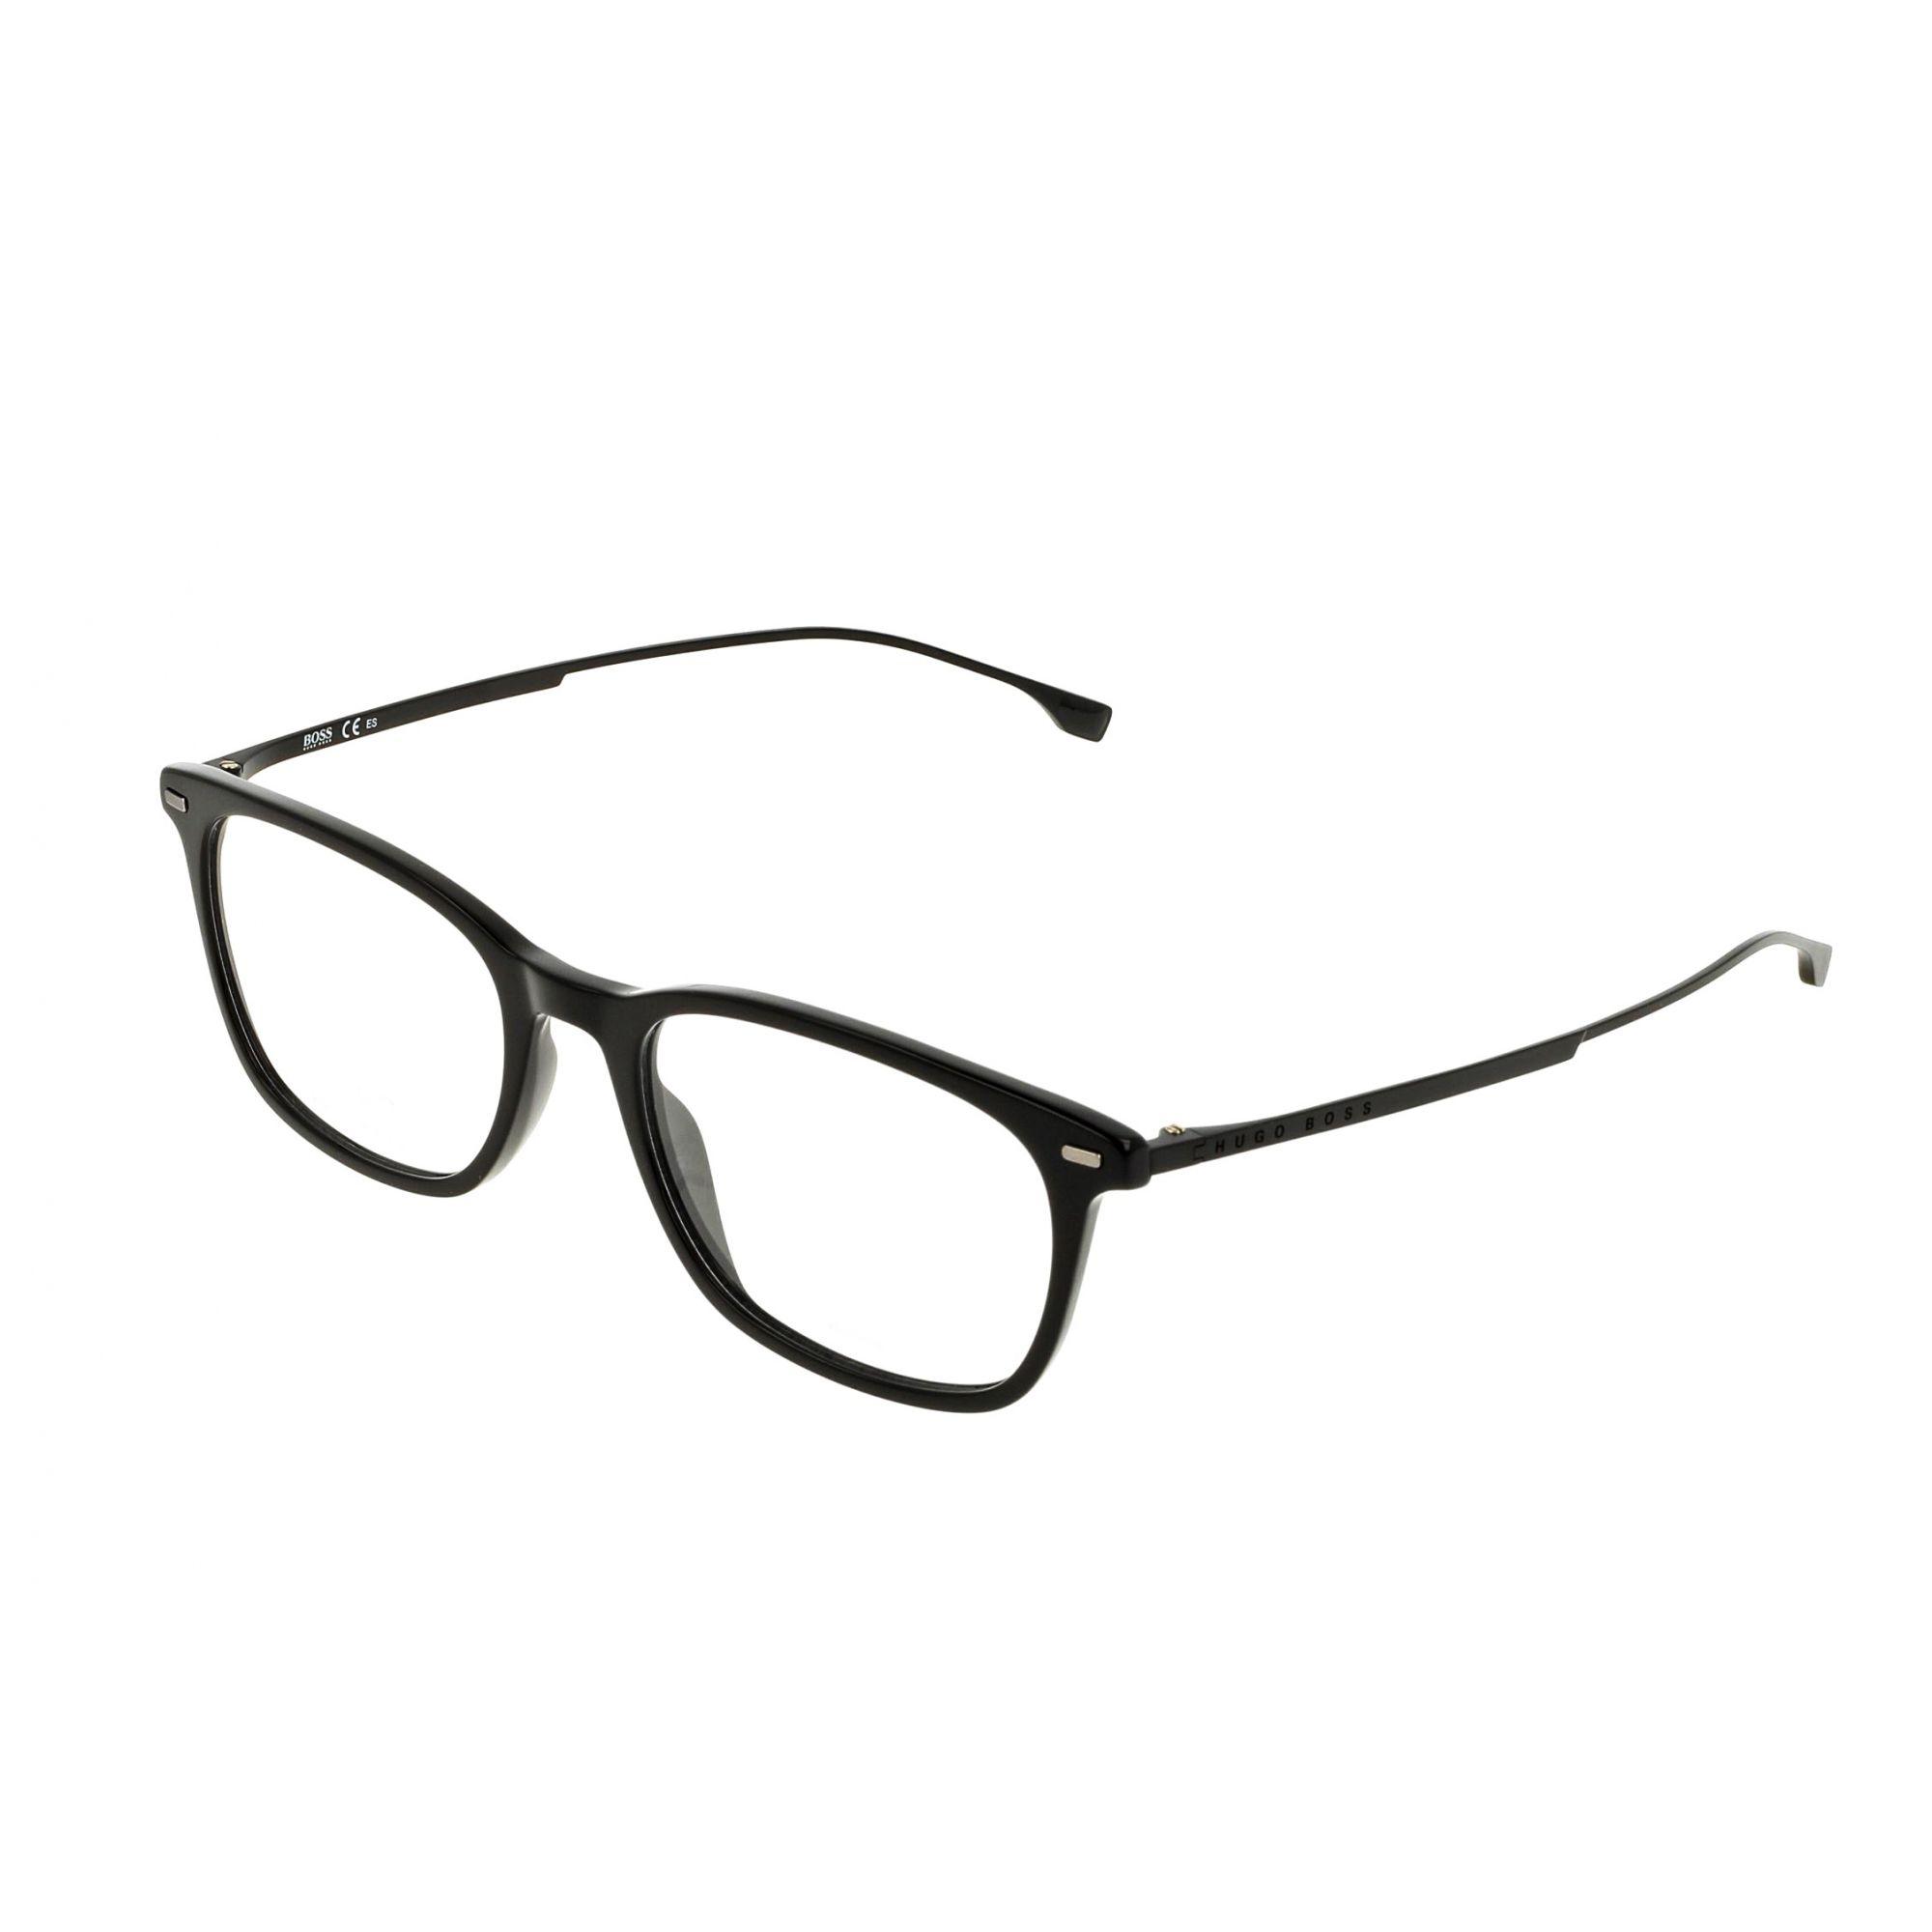 6c41cd7d83051 Armação Óculos de Grau Hugo Boss 1015 807 - Omega Ótica e Relojoaria